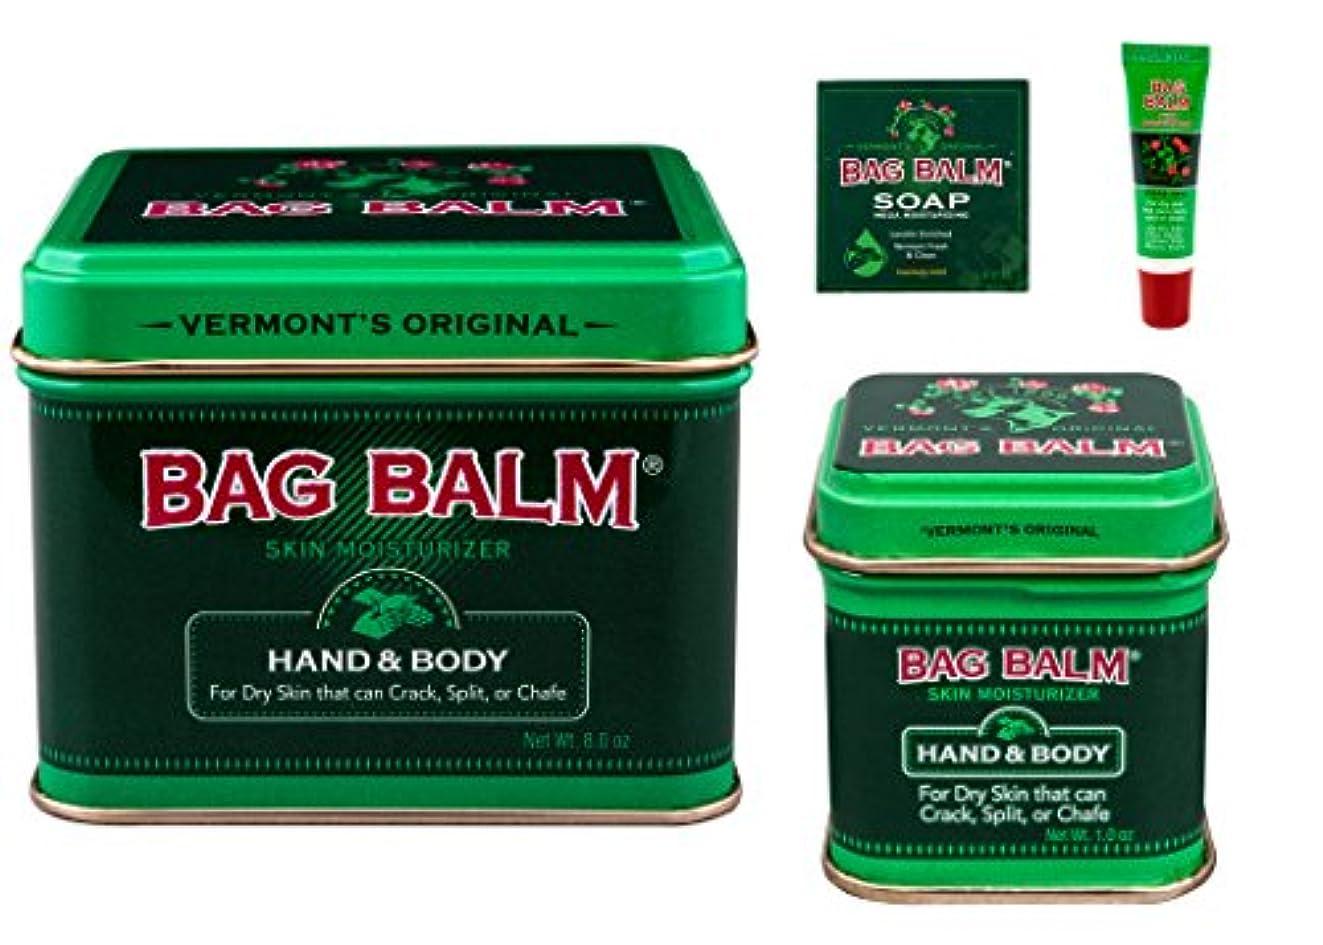 終点シェード座標Bag Balm バリューバンドル(8オンス、1オンス缶は、チューブをオン-行くとメガモイスチャーソープ)